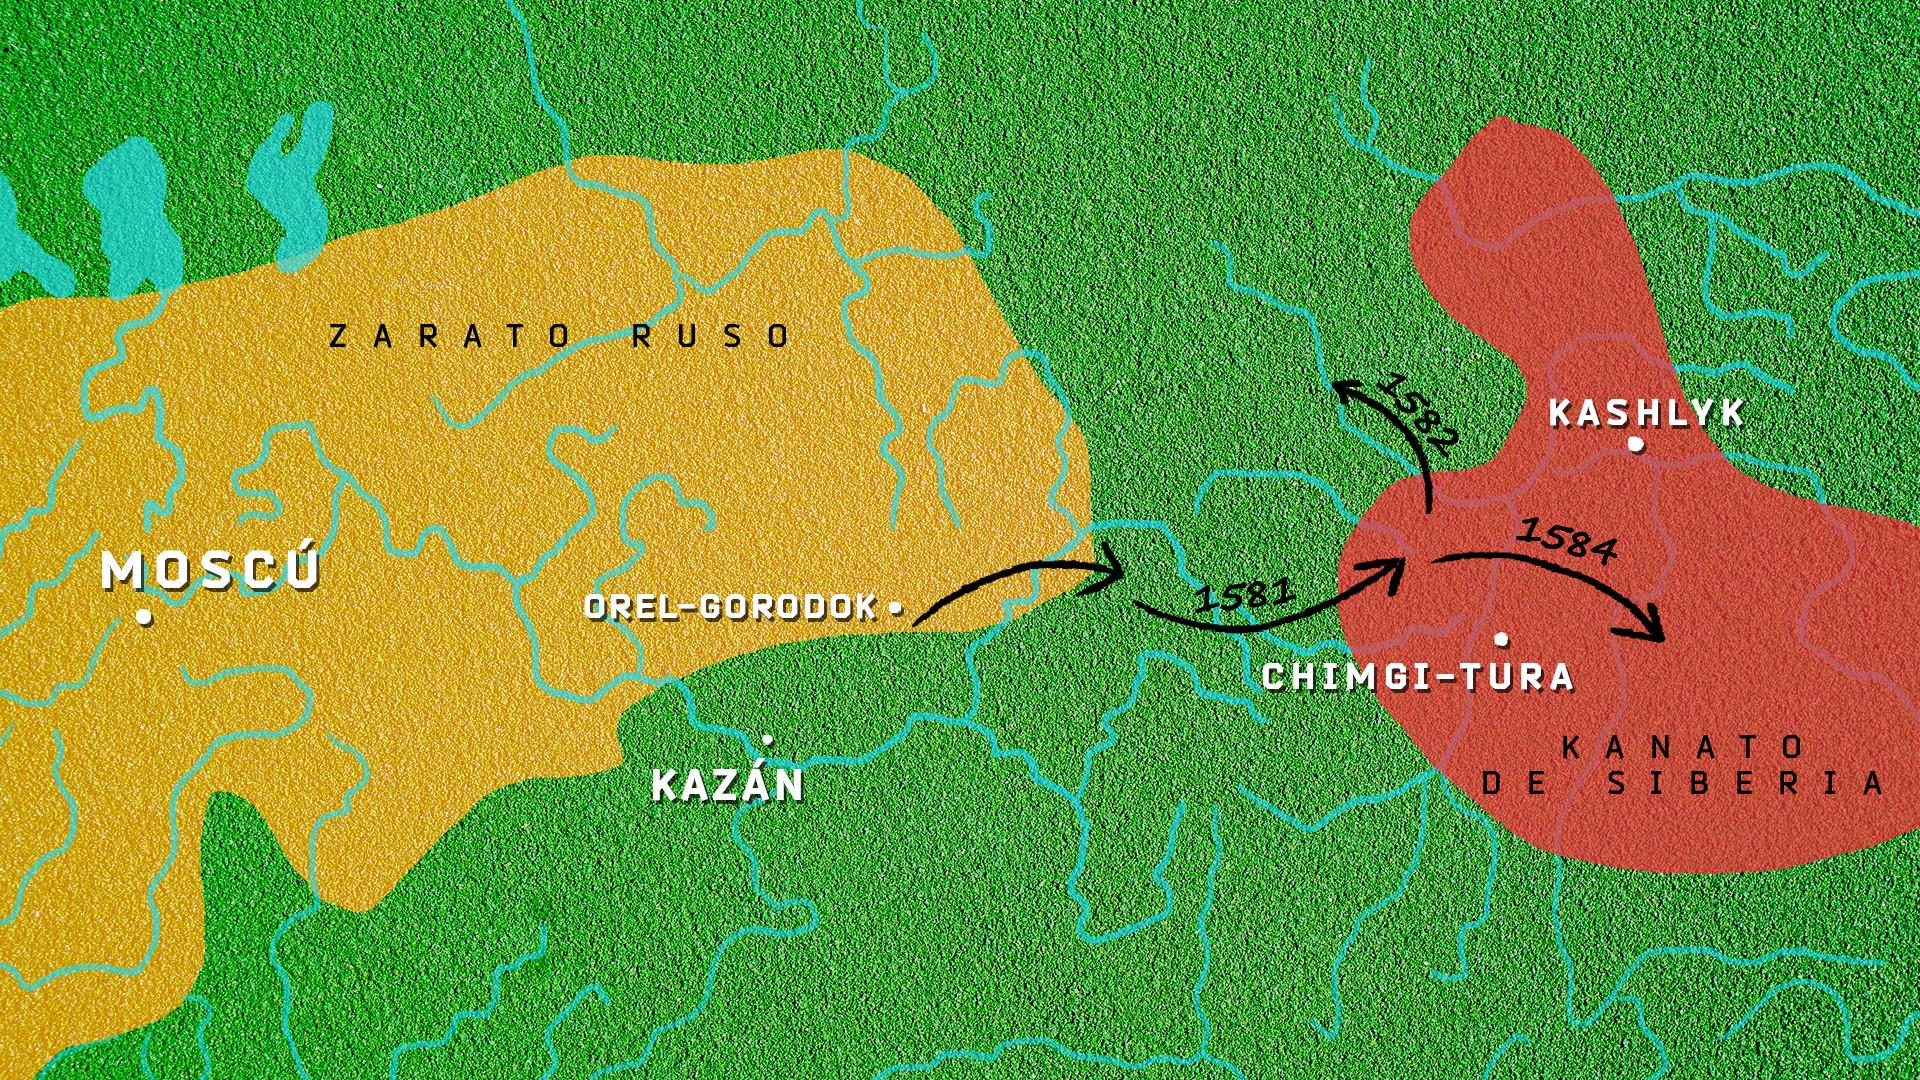 Mapa del Zarato ruso comparado con el Kanato de Siberia Las flechas negras indican la ruta aproximada del ejército de Yermak.